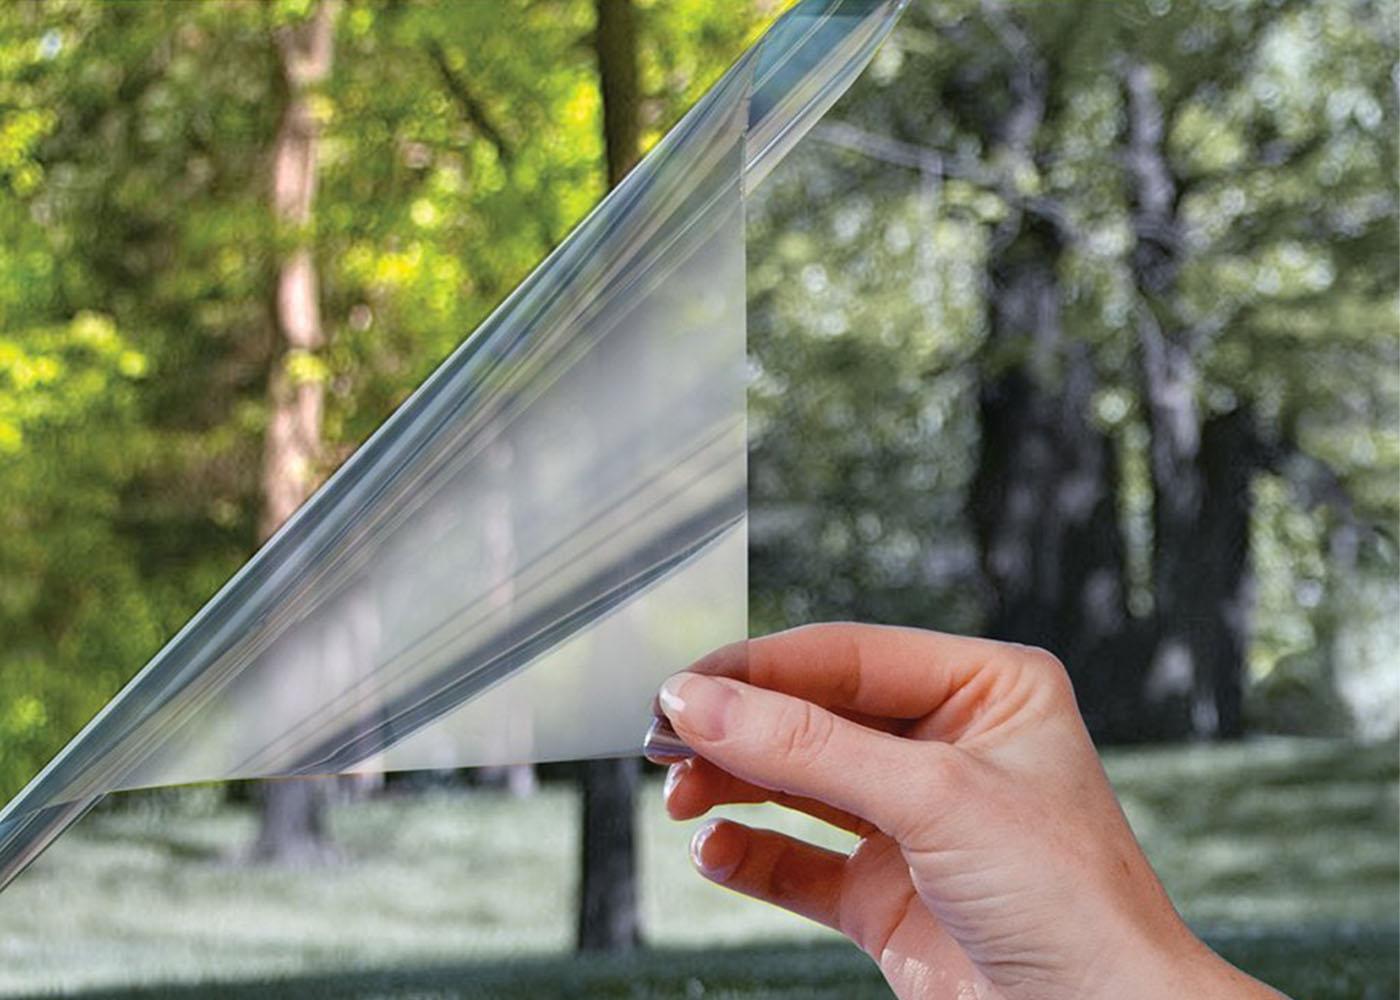 Пленка солнцезащитная зеркальная для окон - 60x300 см = твой.